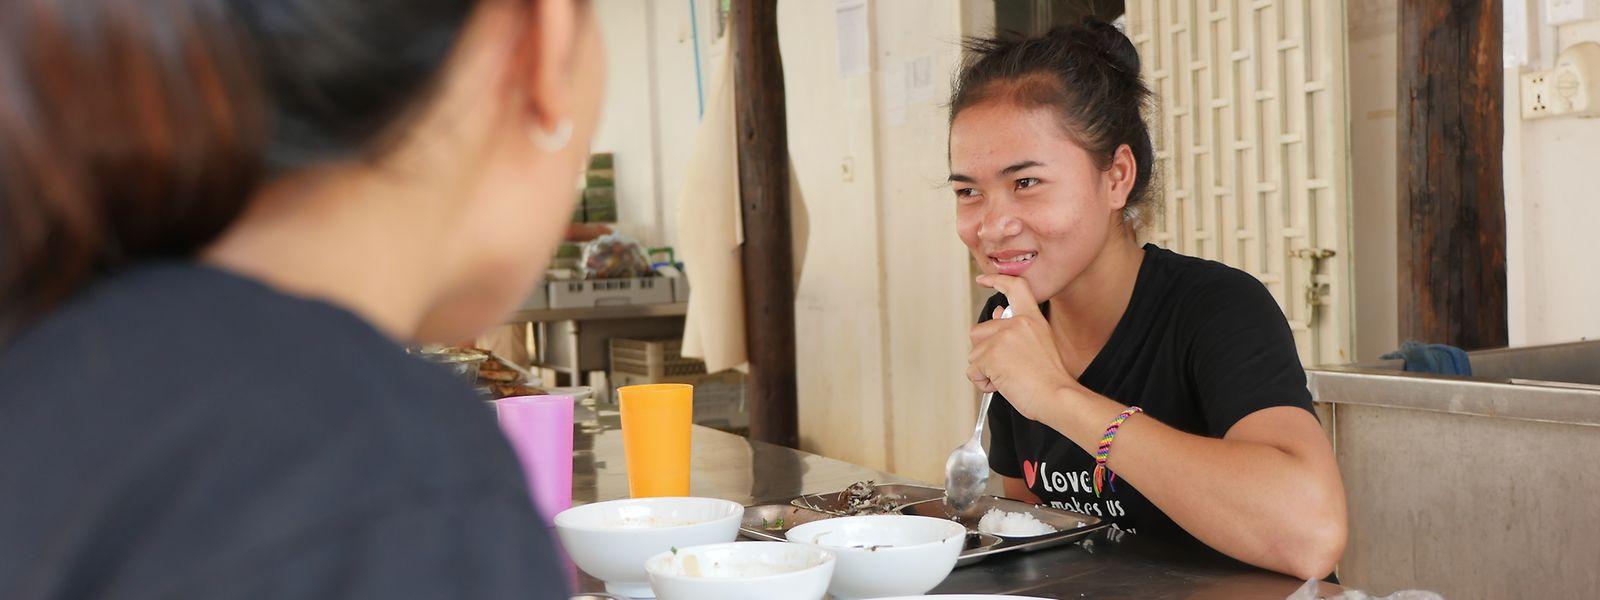 Die Auszubildende SreyNich bei einer kleinen Essenspause: Die junge Kambodschanerin arbeitet seit vier Monaten im Haven. Dort wird sie nicht nur als Servicekraft ausgebildet, SreyNich erhält auch Englischunterricht.